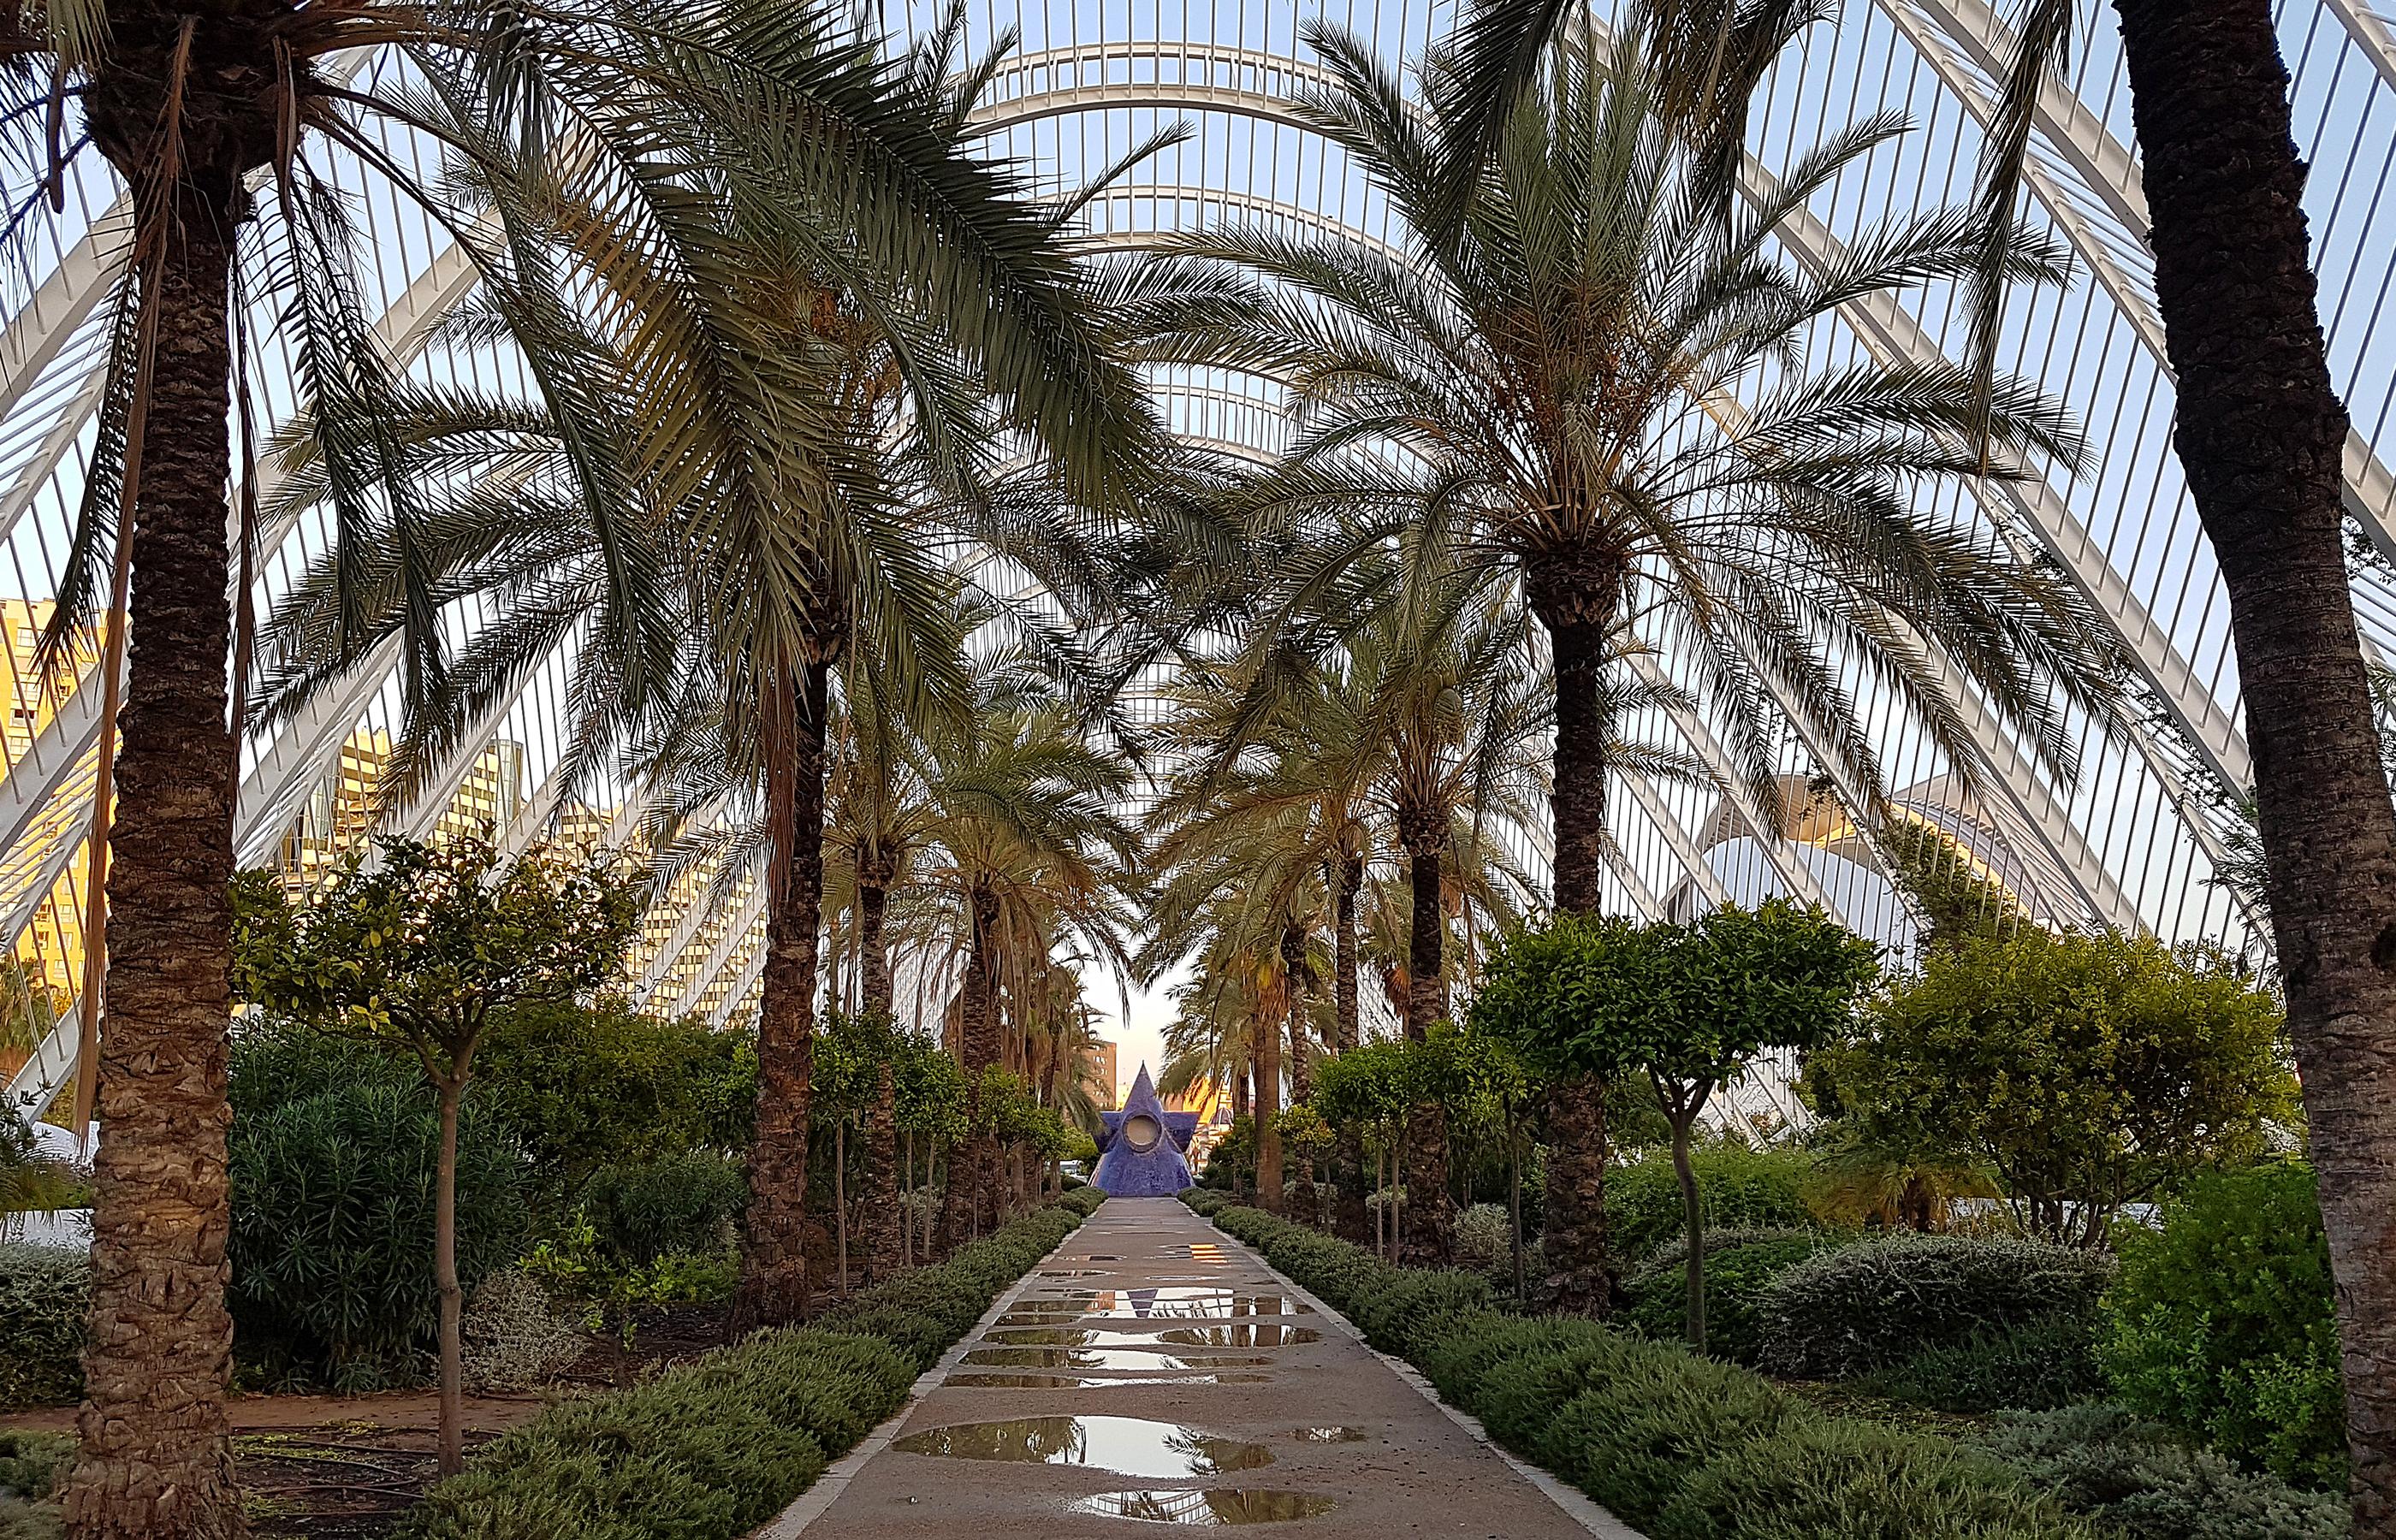 В Оранжерее произрастает более 5000 видов экзотических растений. Внизу, под оранжереей расположена огромная трёхэтажная подземная стоянка для машин.